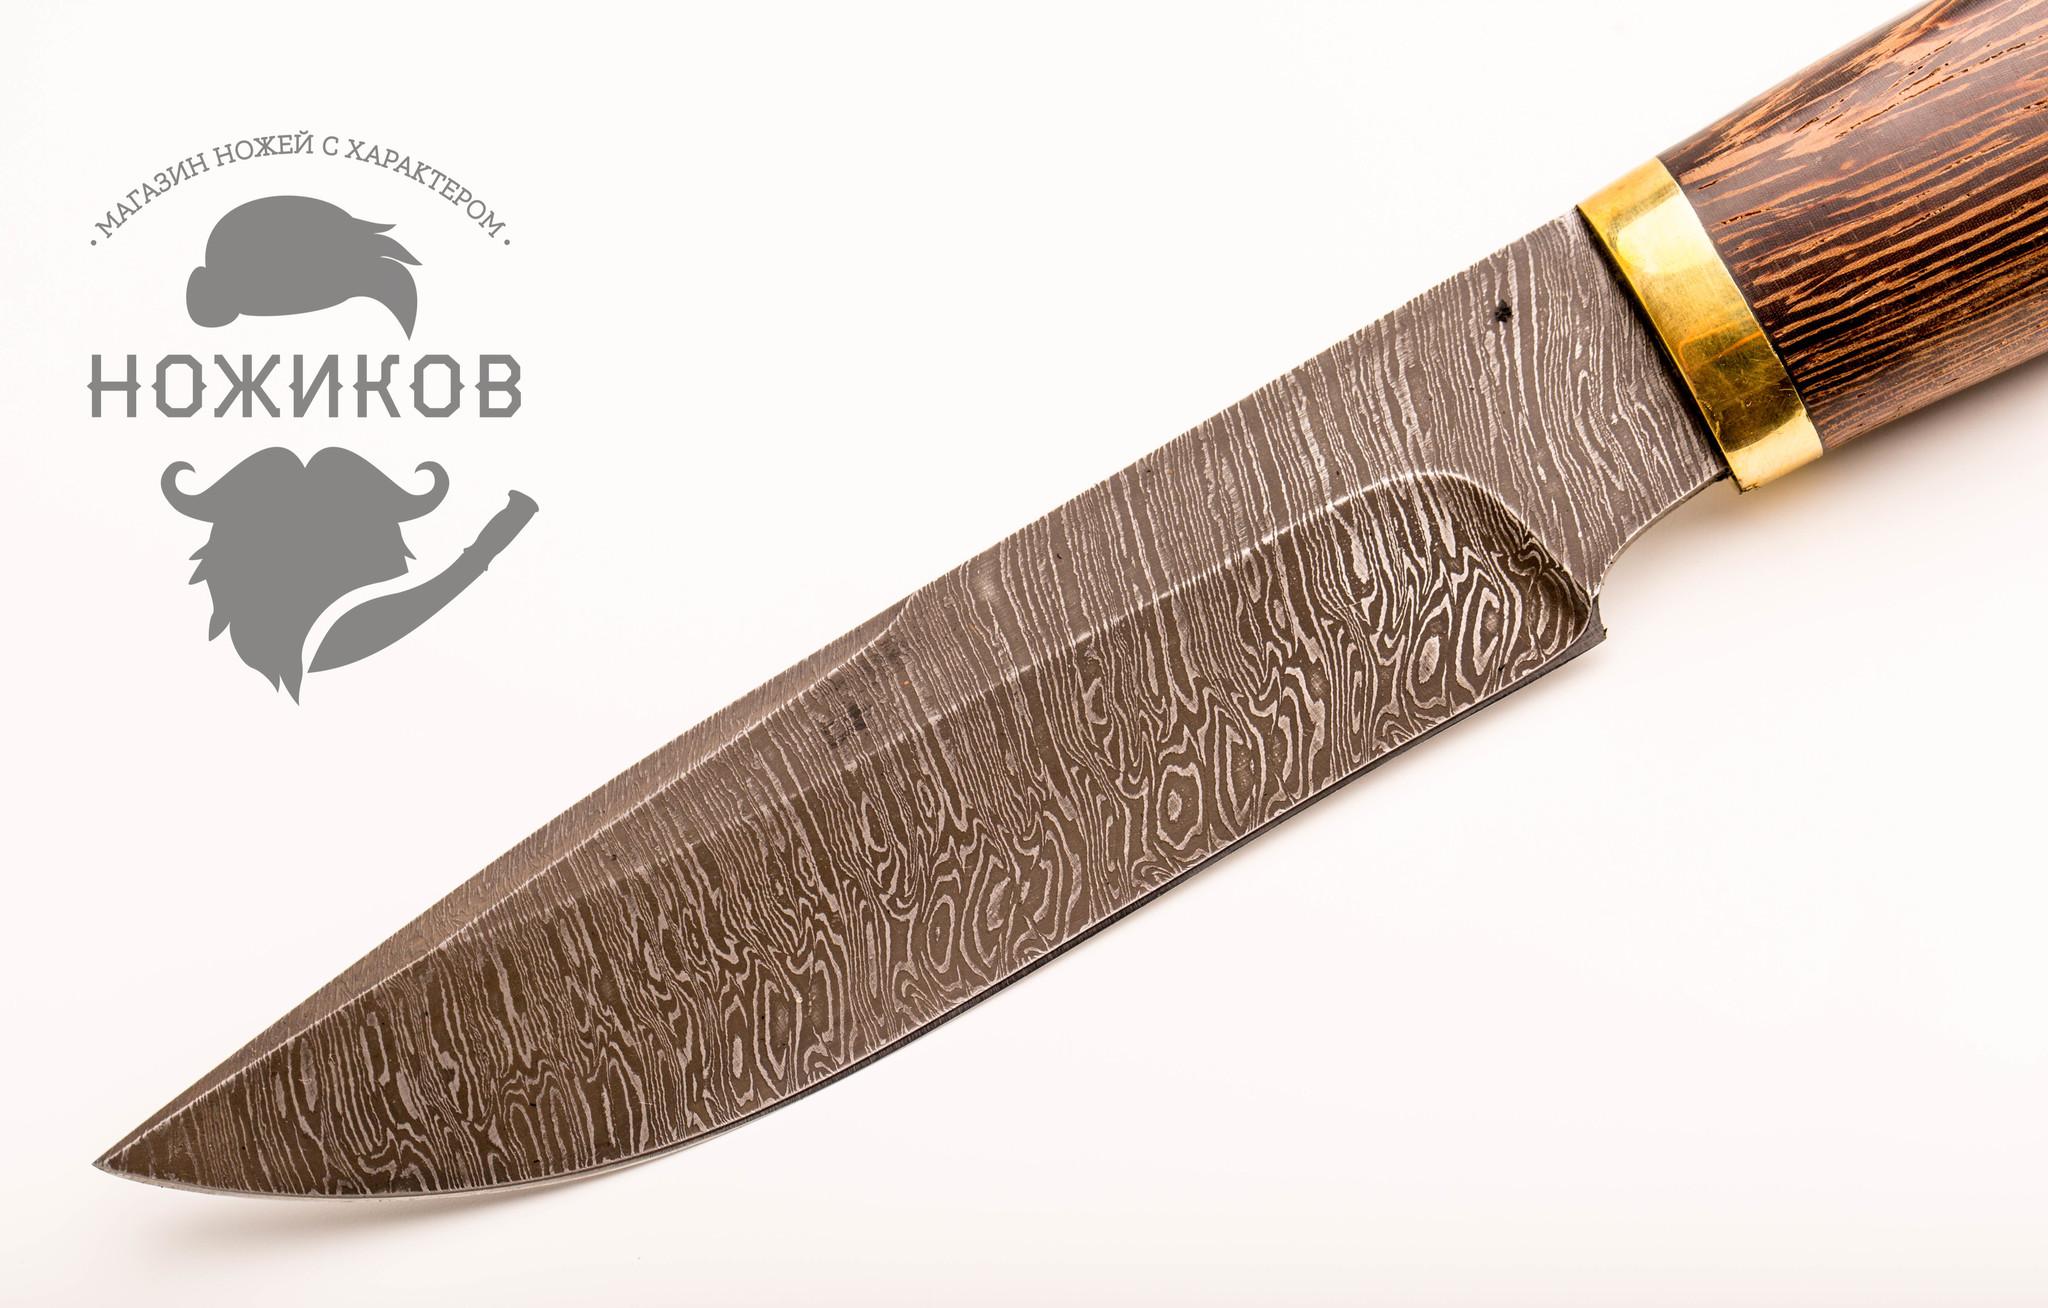 Фото 11 - Нож Леший, сталь дамаск, венге от Промтехснаб